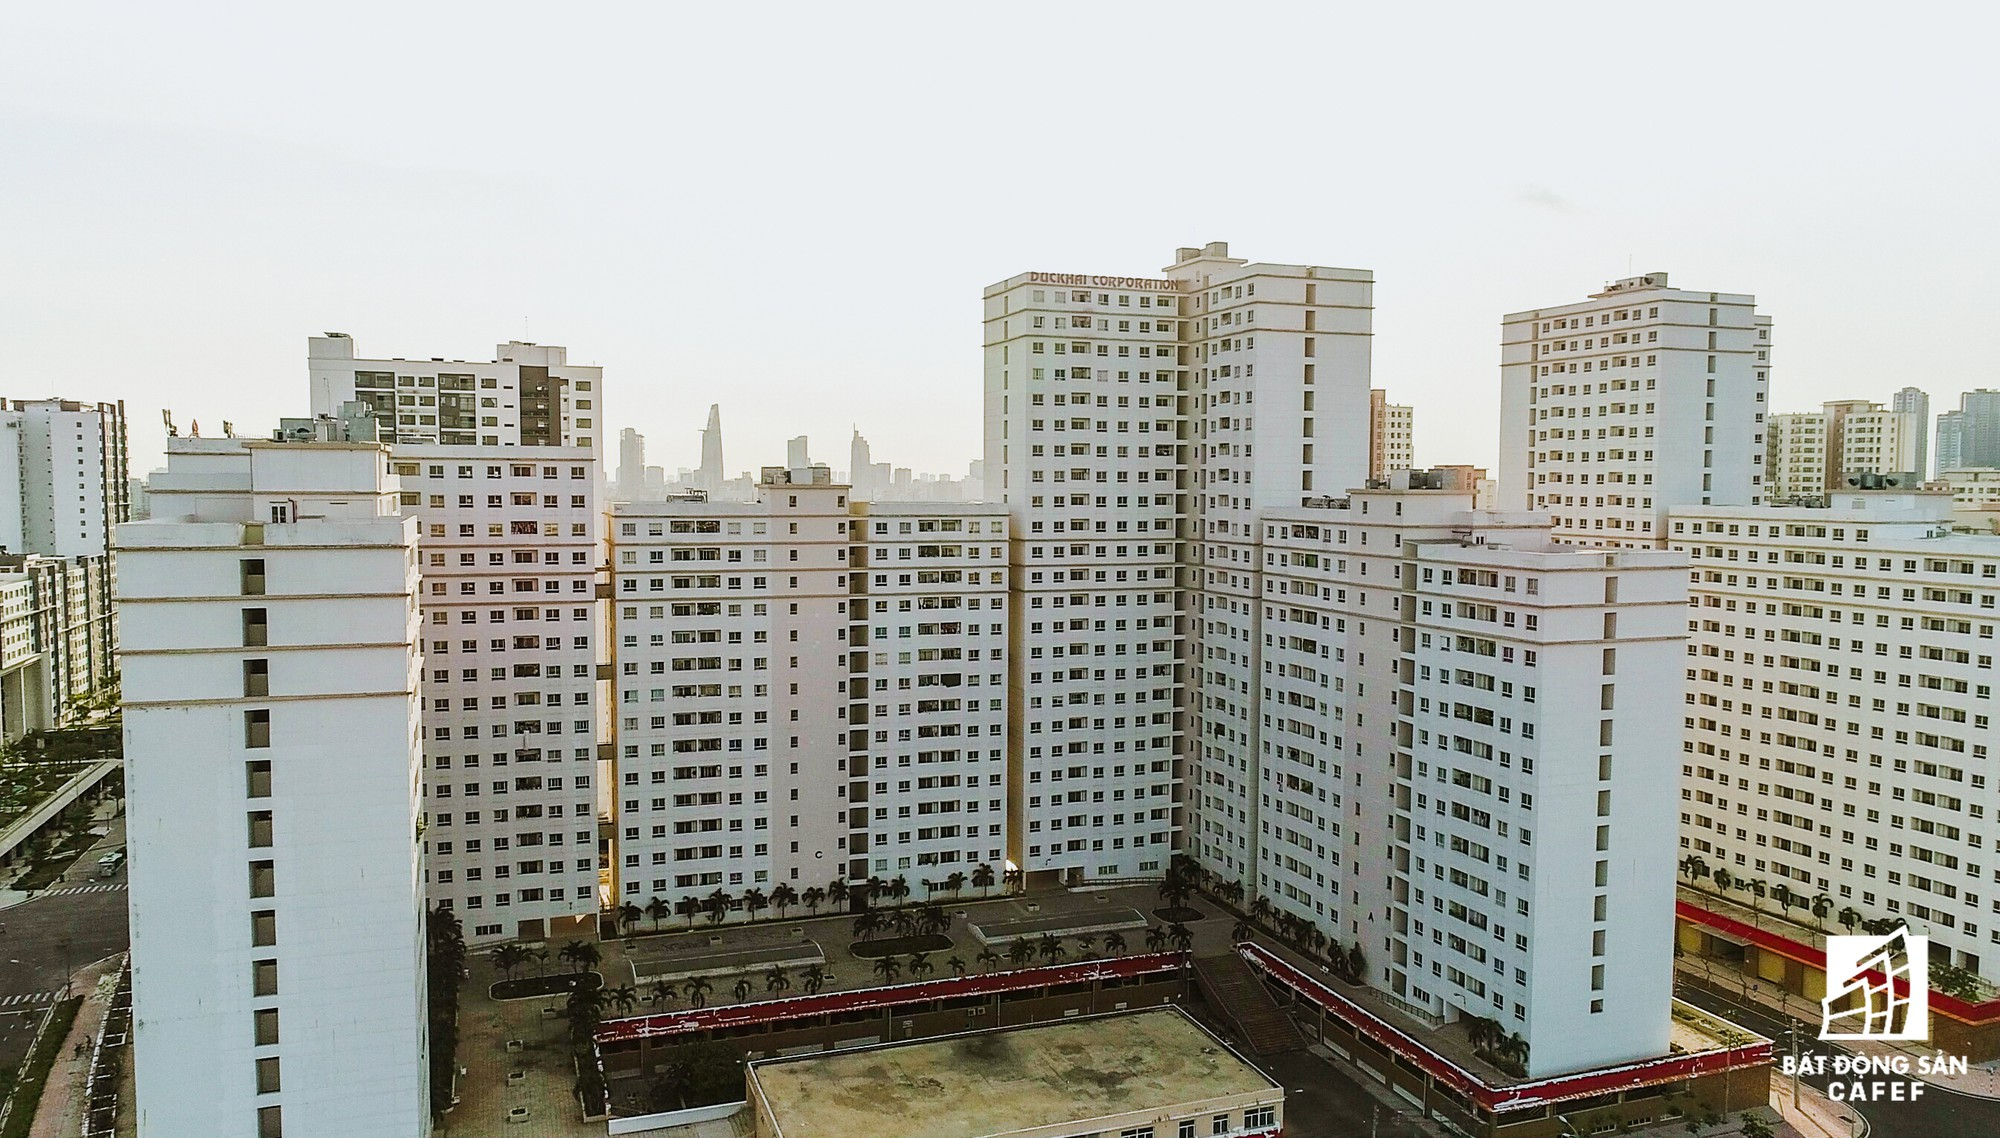 Toàn cảnh khu tái định cư đồ sộ nhất TPHCM, chục nghìn căn hộ không ai ở, bán đấu giá nhiều lần thất bại - Ảnh 17.